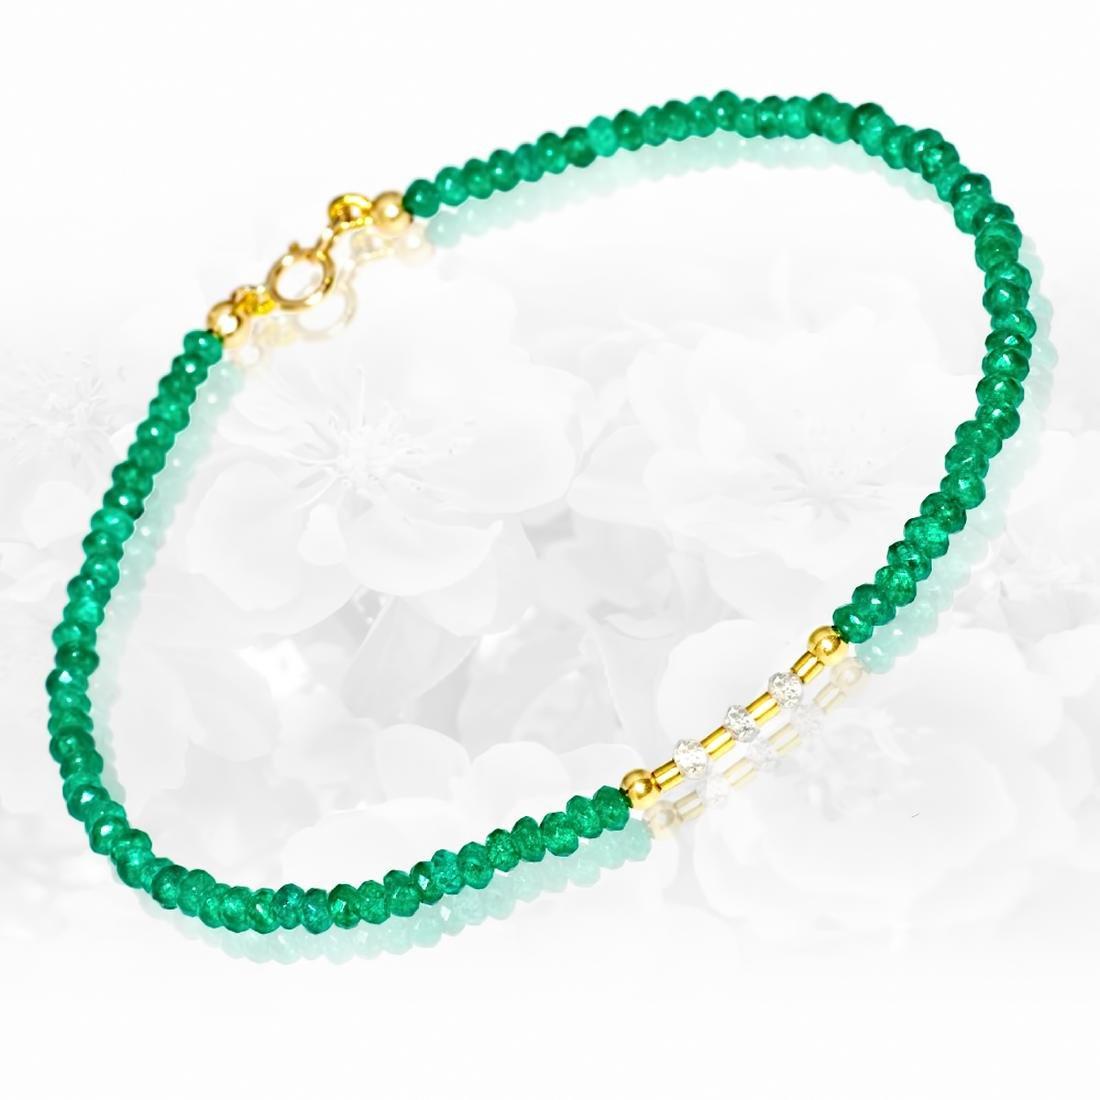 14K Retro Style Precious Jadeite Jade bracelet with - 4